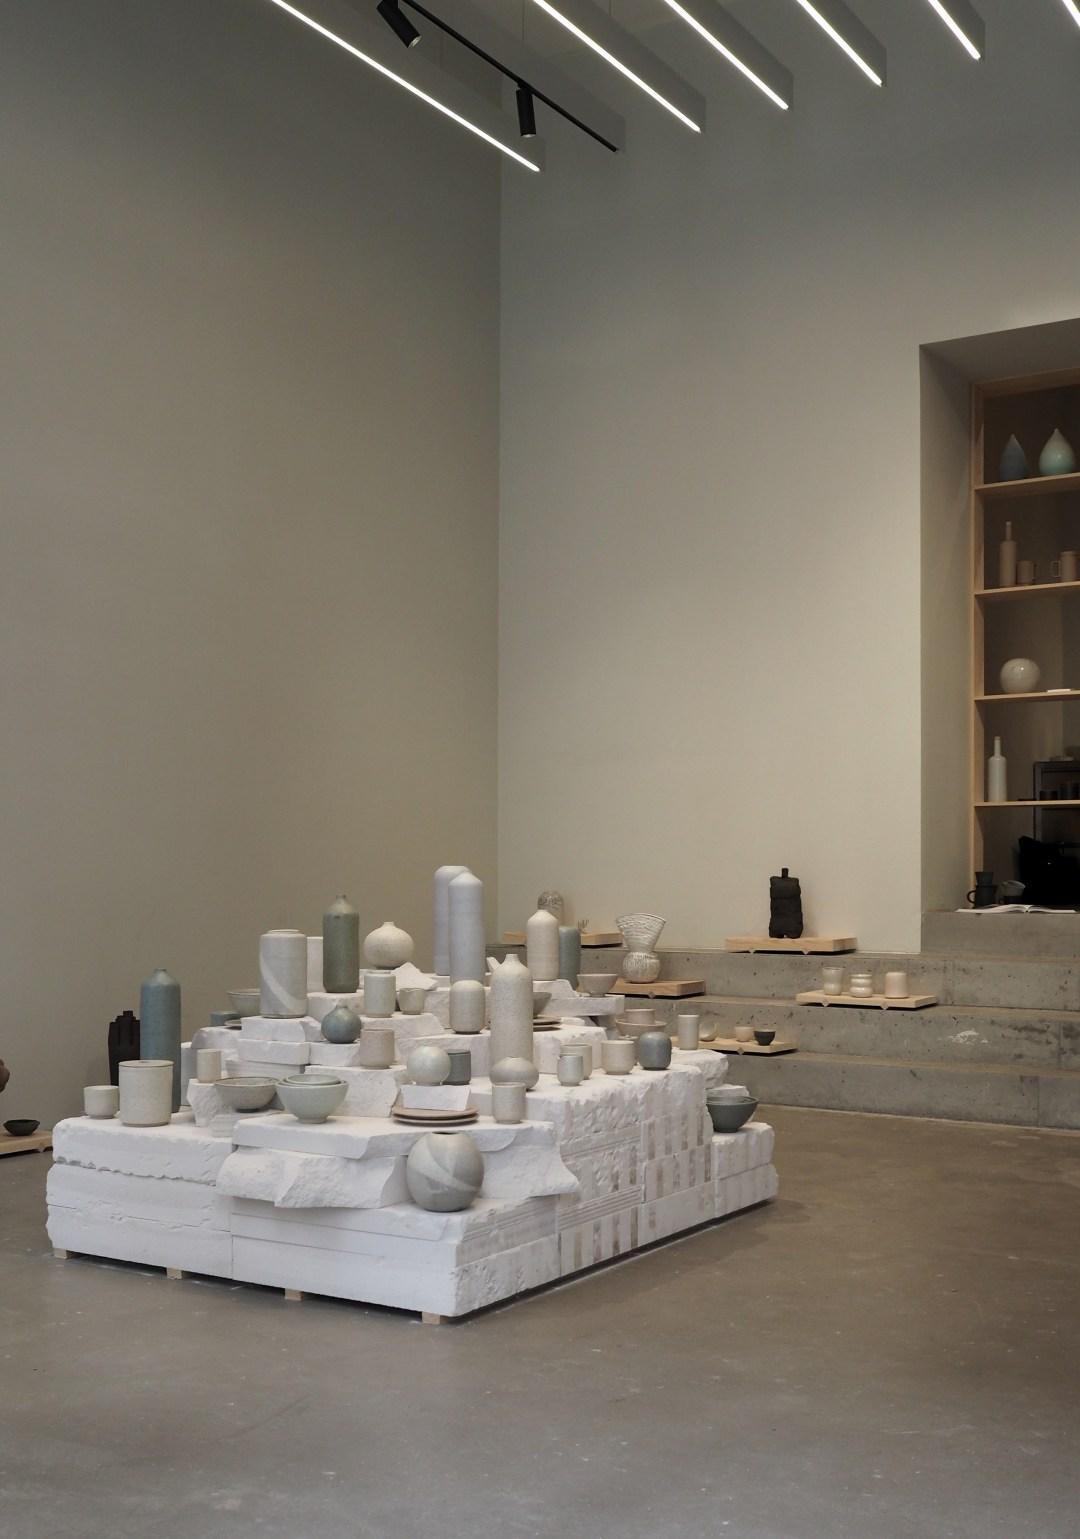 Yonobi ceramics Copenhagen